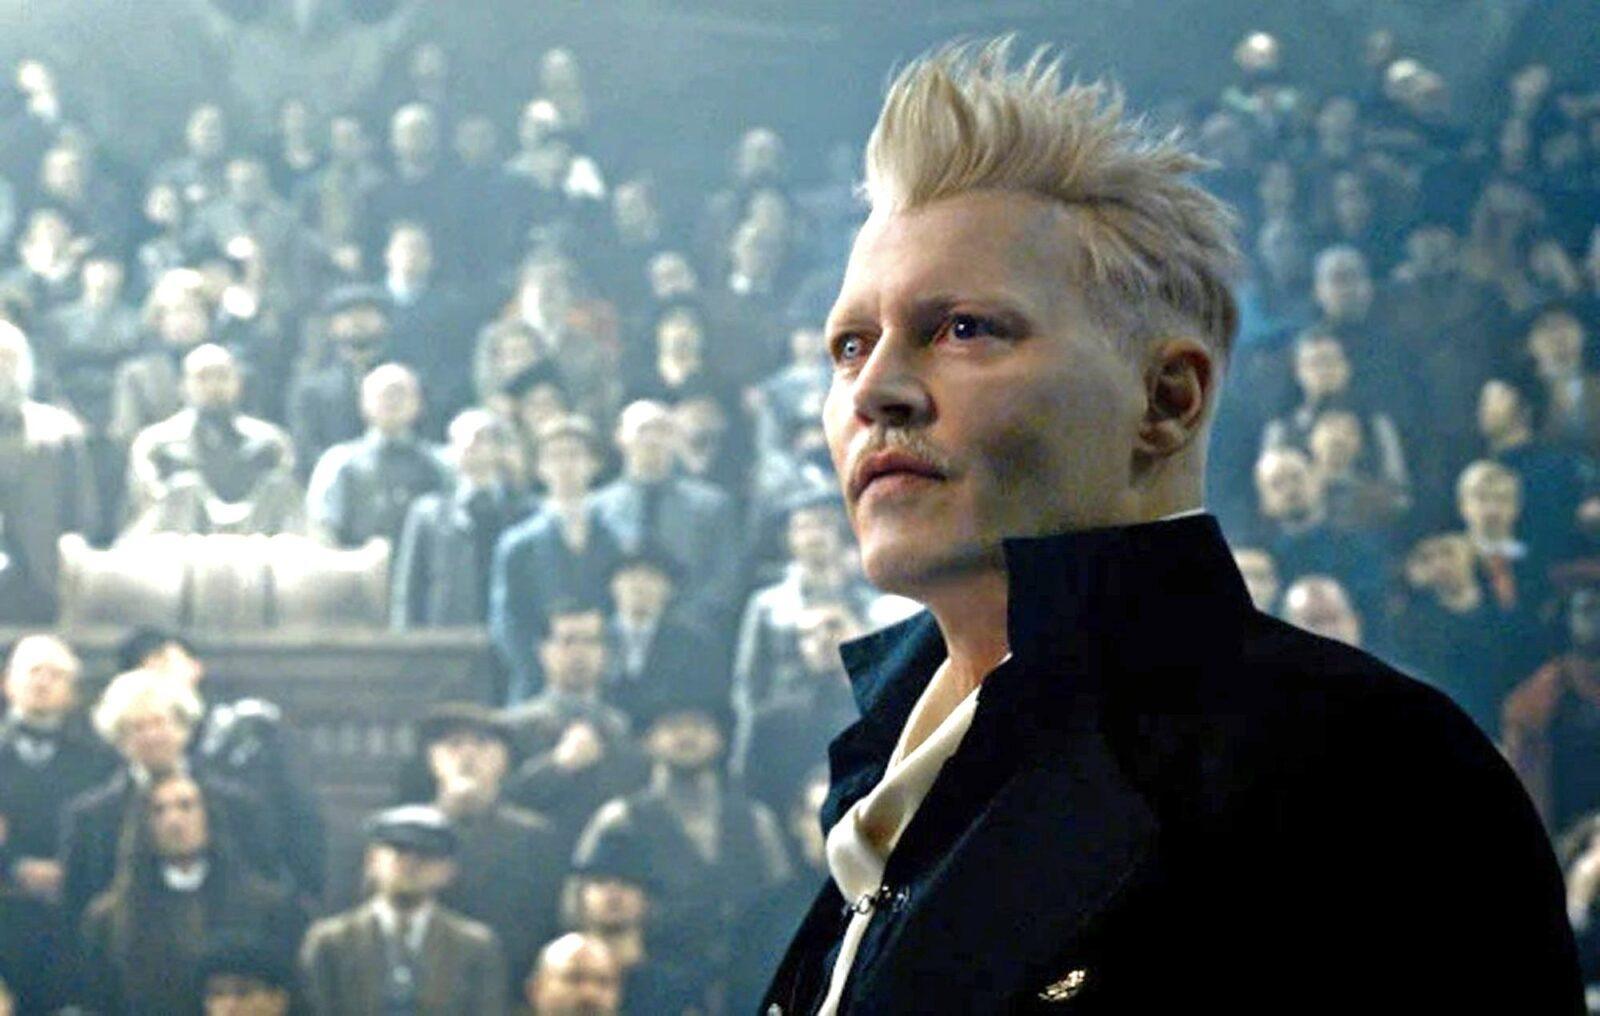 Мадс Миккельсен заменит Джонни Деппа в Фантастических тварях (musicartsculture movies1 1 91eadc35c1a1d048)